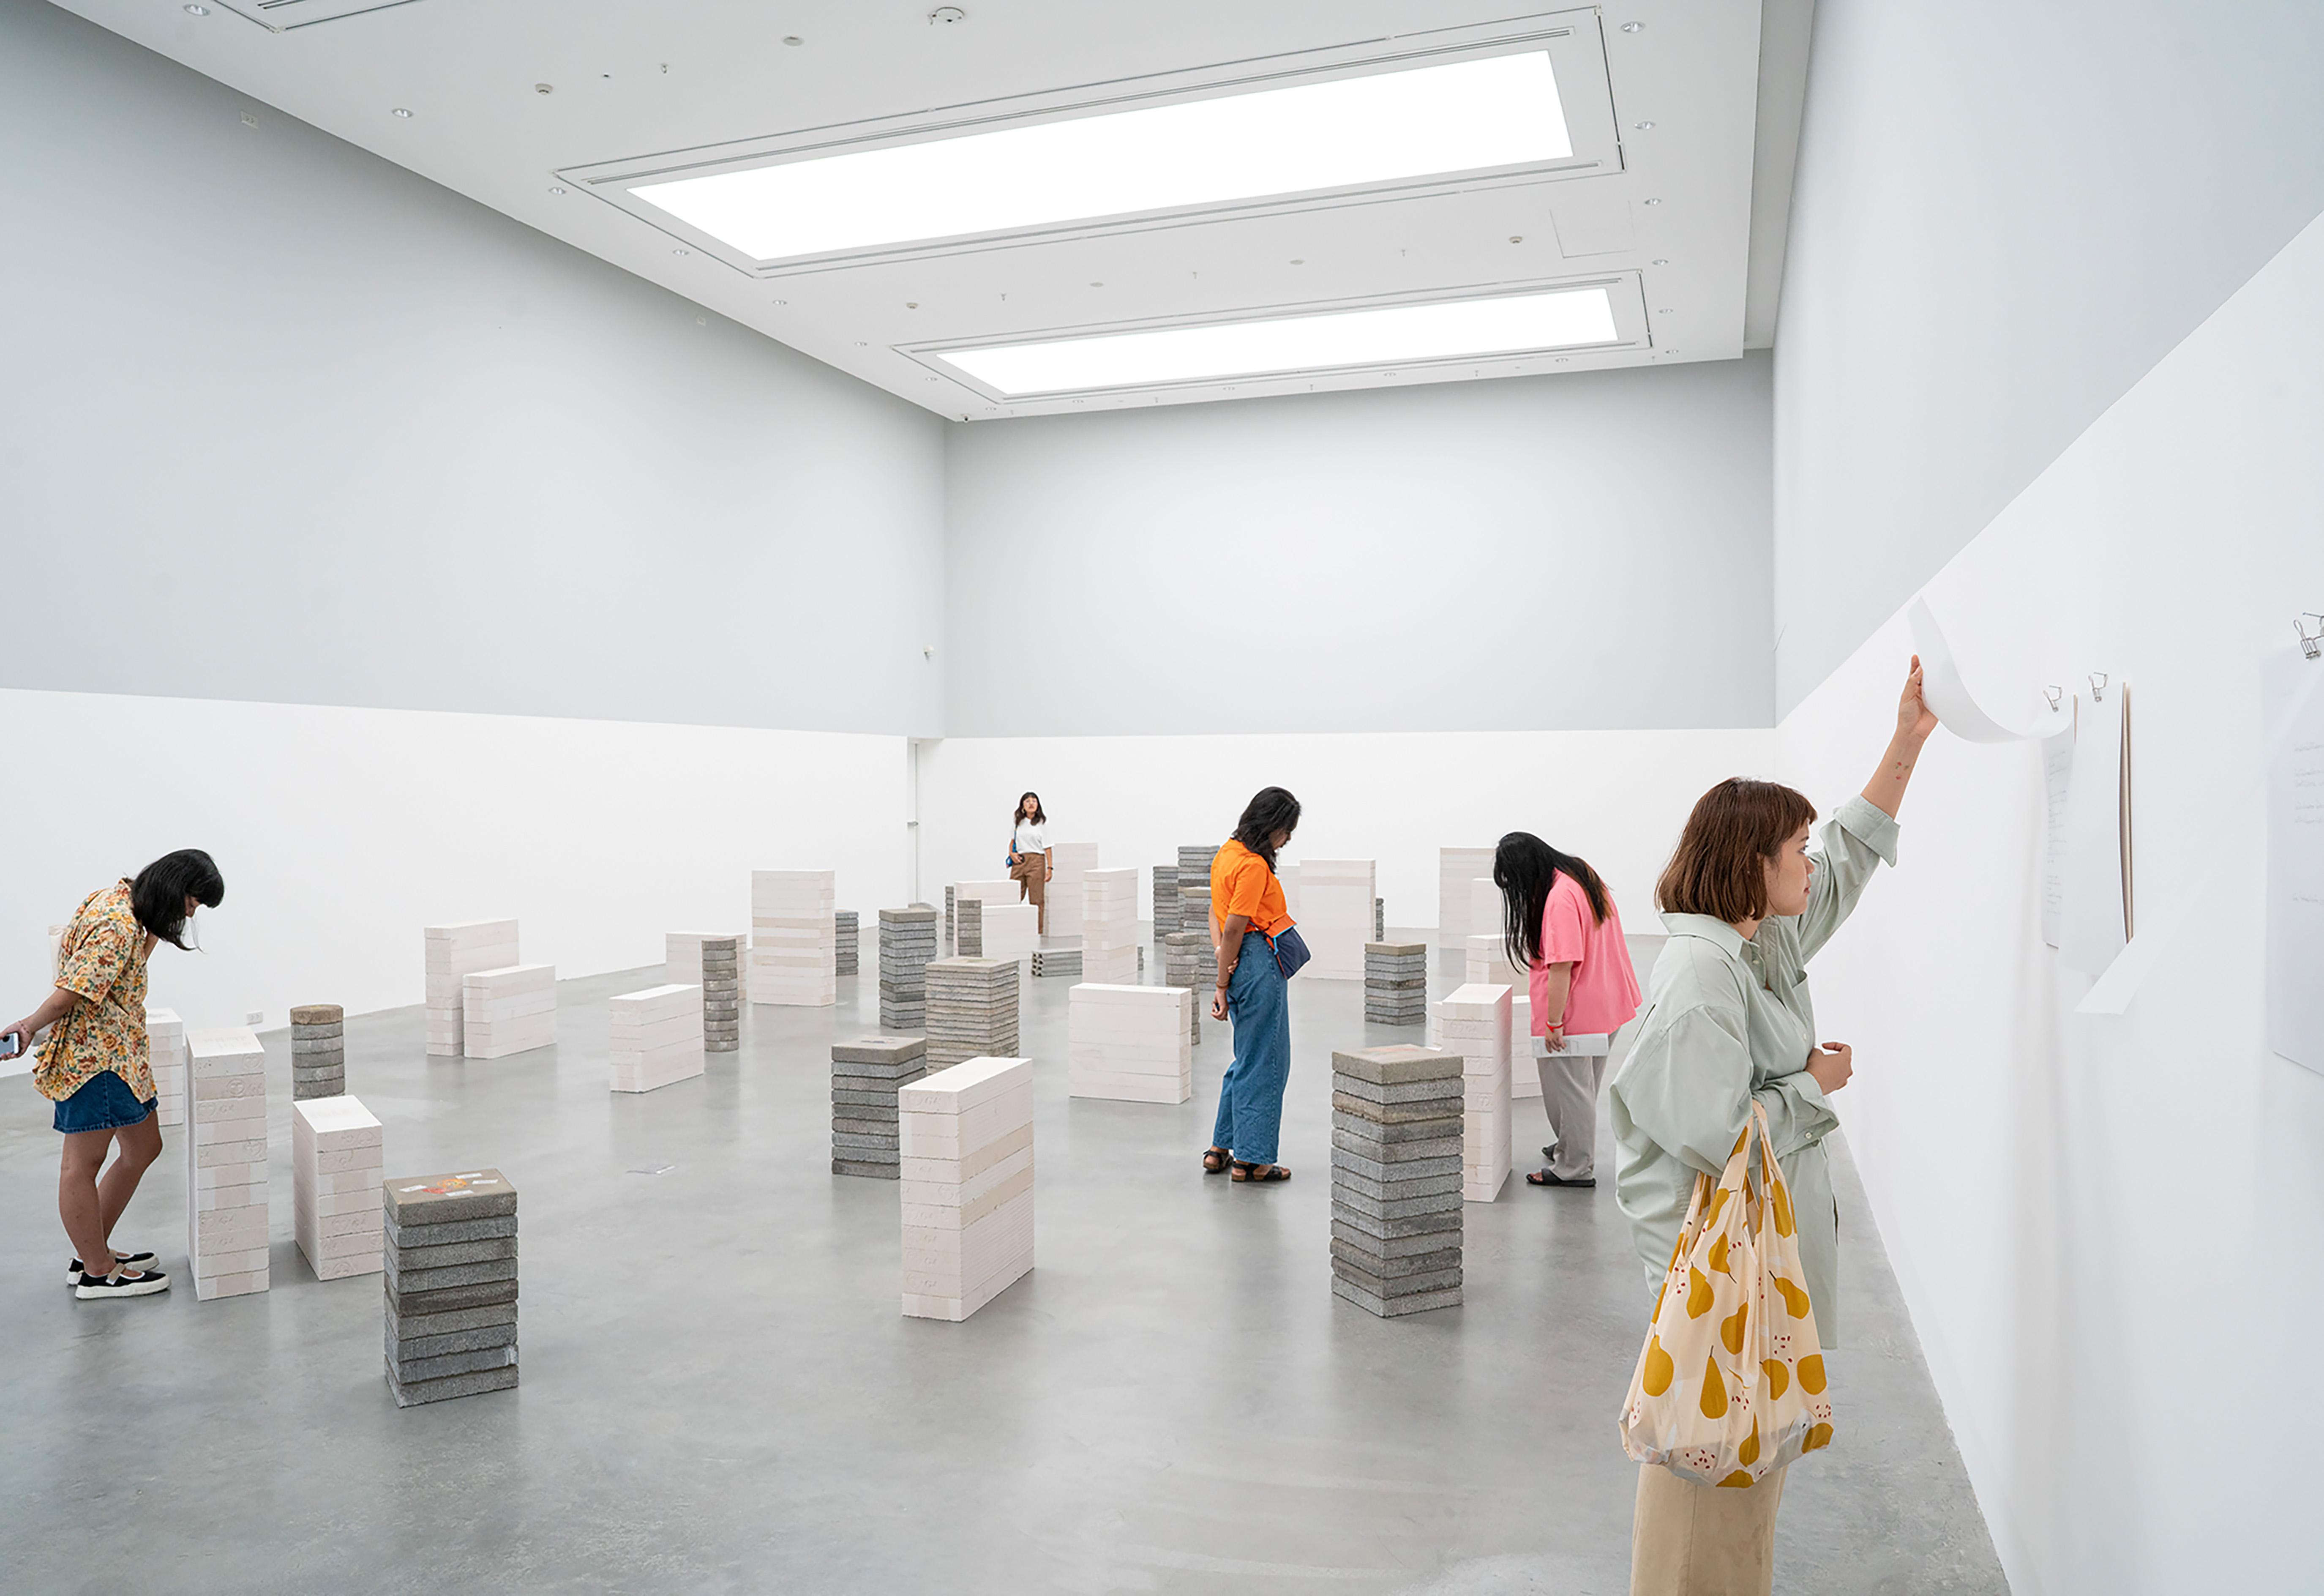 Installation von Orawan Anrunrak, mit der mehrere Personen interagieren.